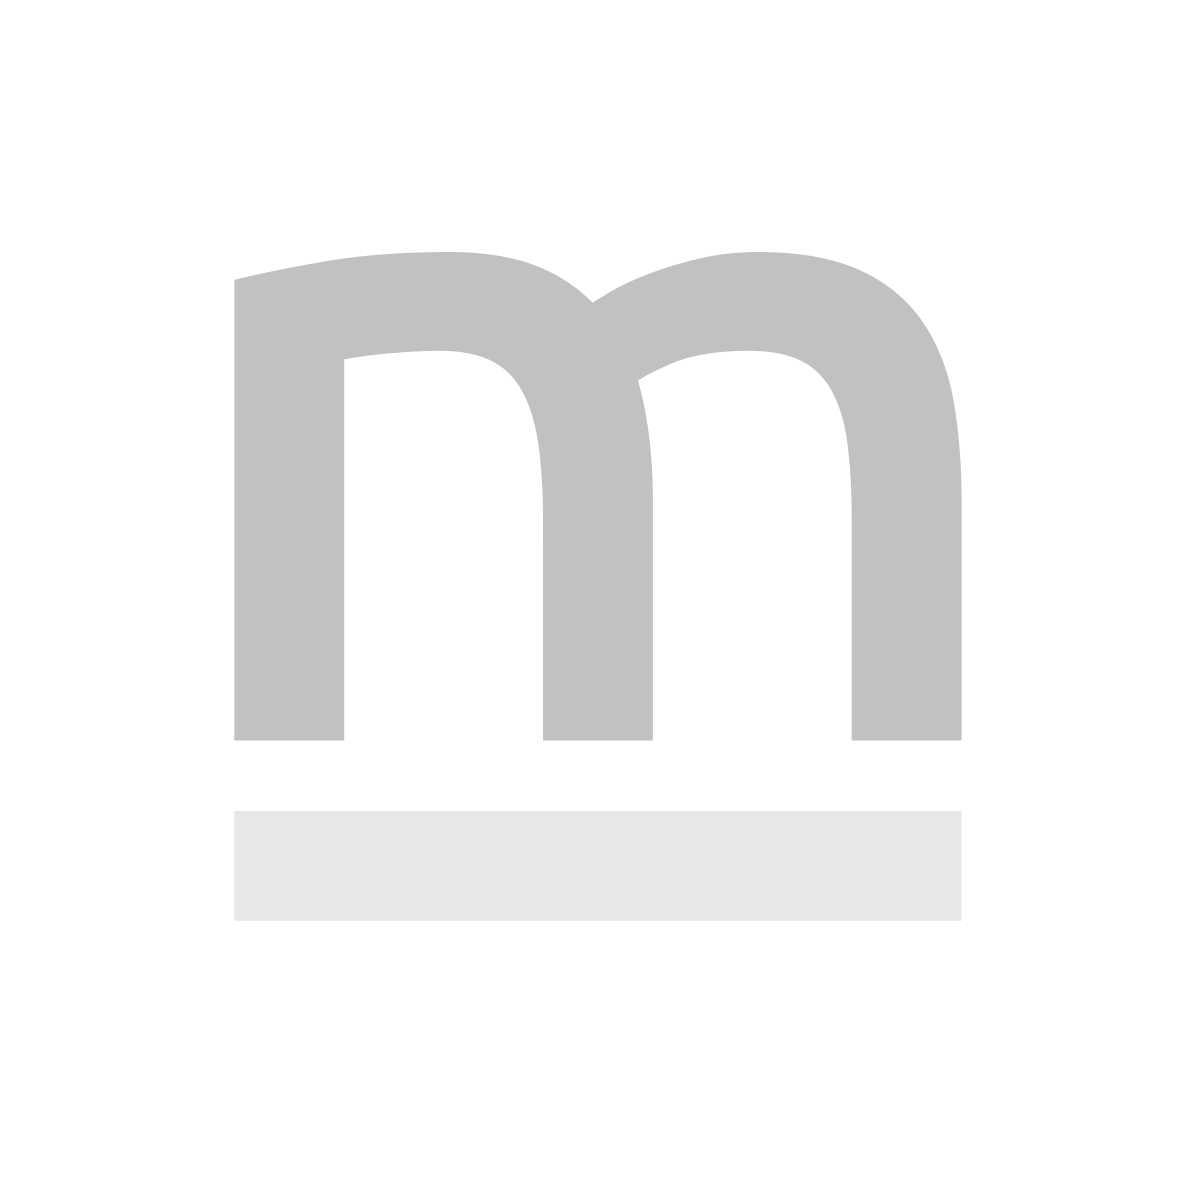 Obraz na korku - Mapa świata: Brązowa elegancja [Mapa korkowa]